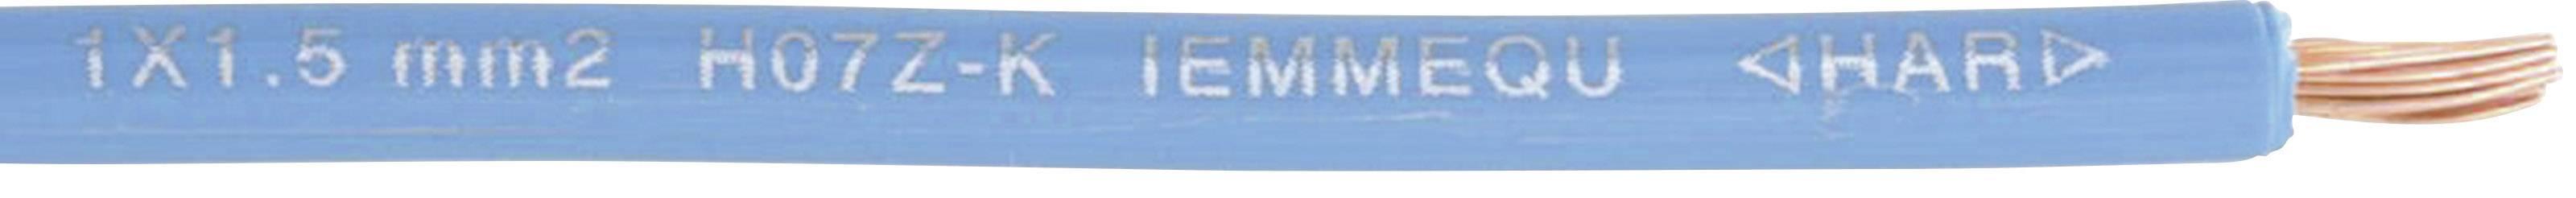 Pletenica H07Z-K 1 x 16 mm, črna Faber Kabel 040283 cena za meter